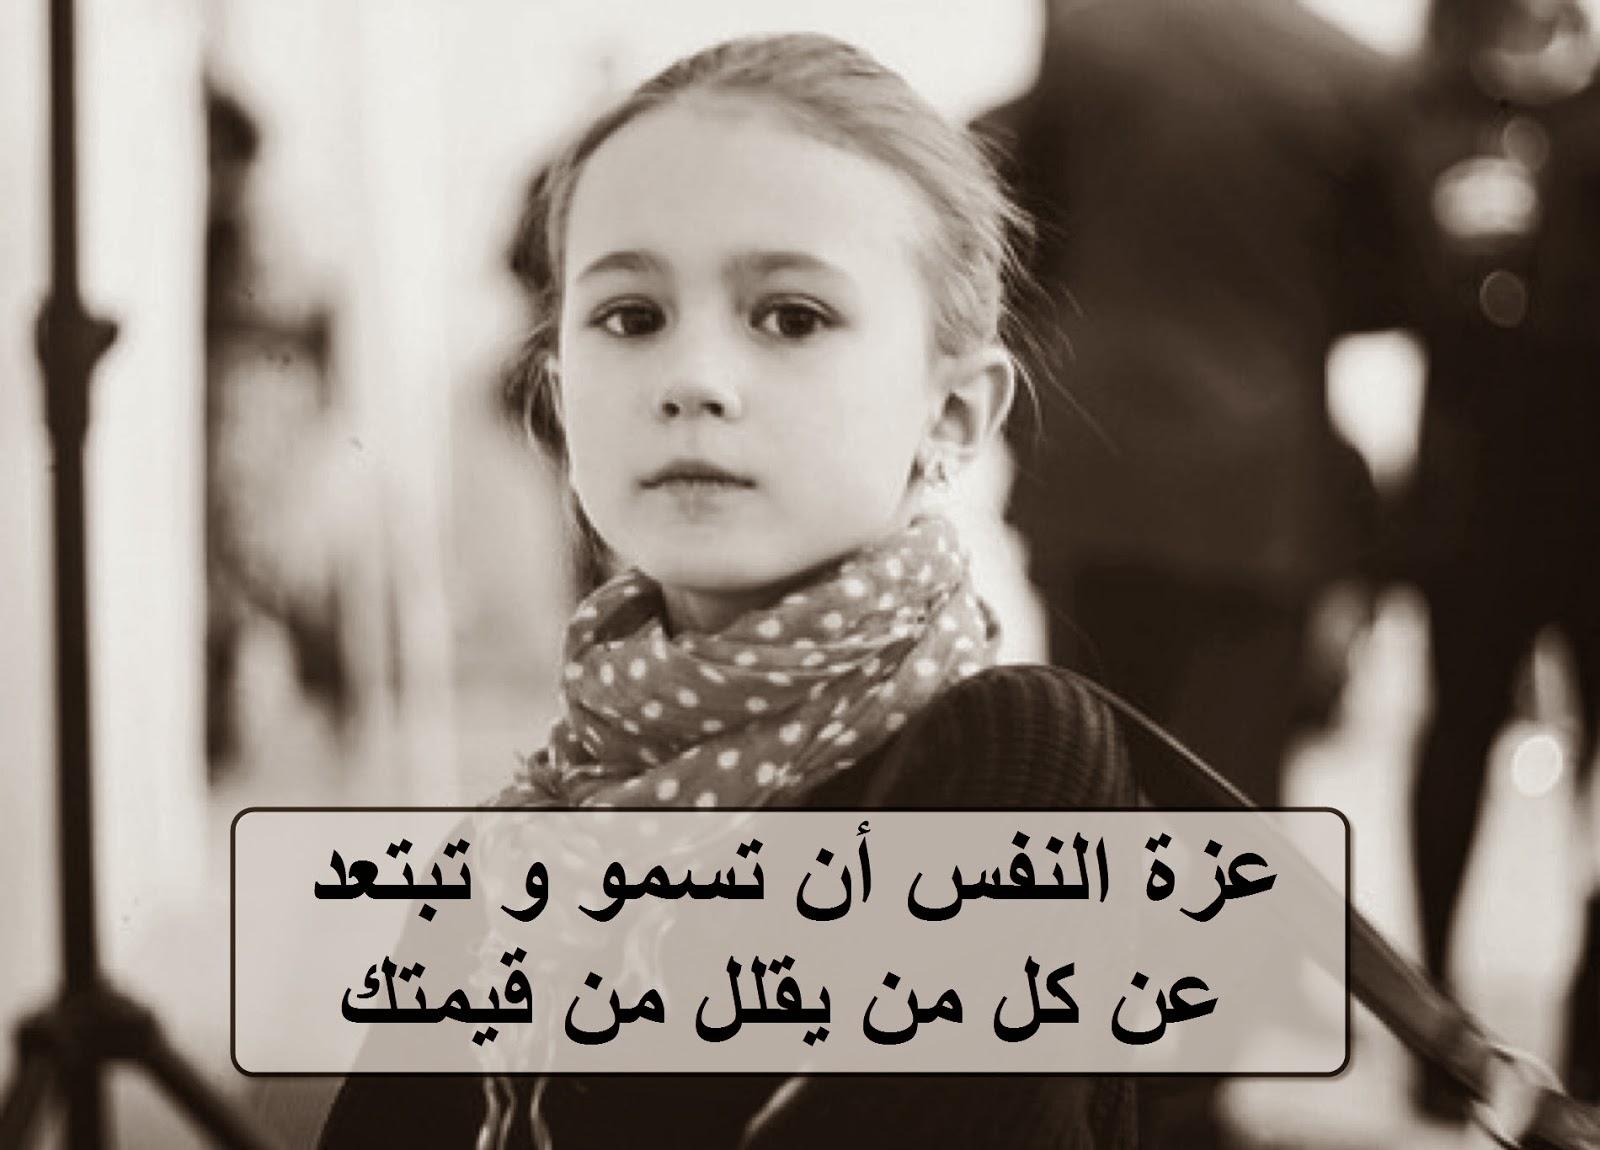 بالصور كلام عن الاطفال , الملائكه الصغار و العنايه بهم 290 1